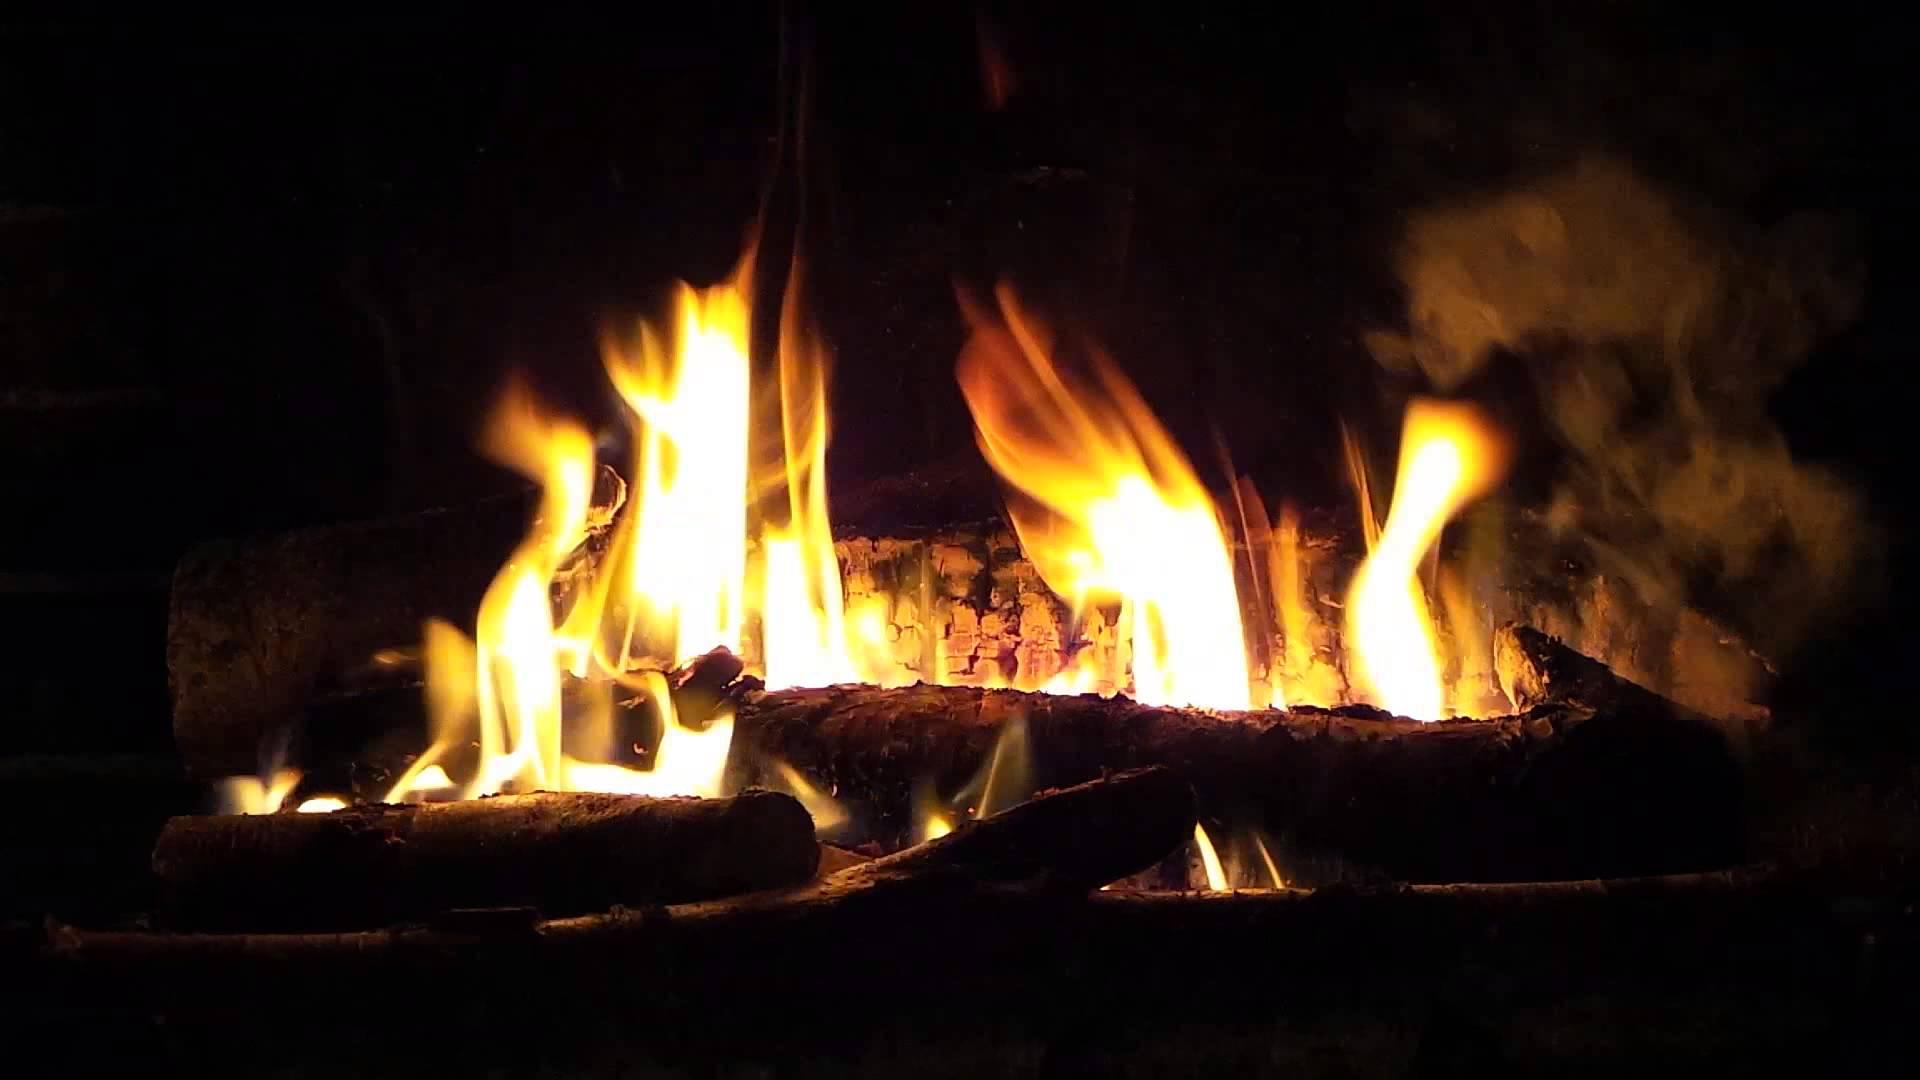 3 m thodes pour afficher un norme feu de chemin e sur votre tv frandroid - Image feu de cheminee ...